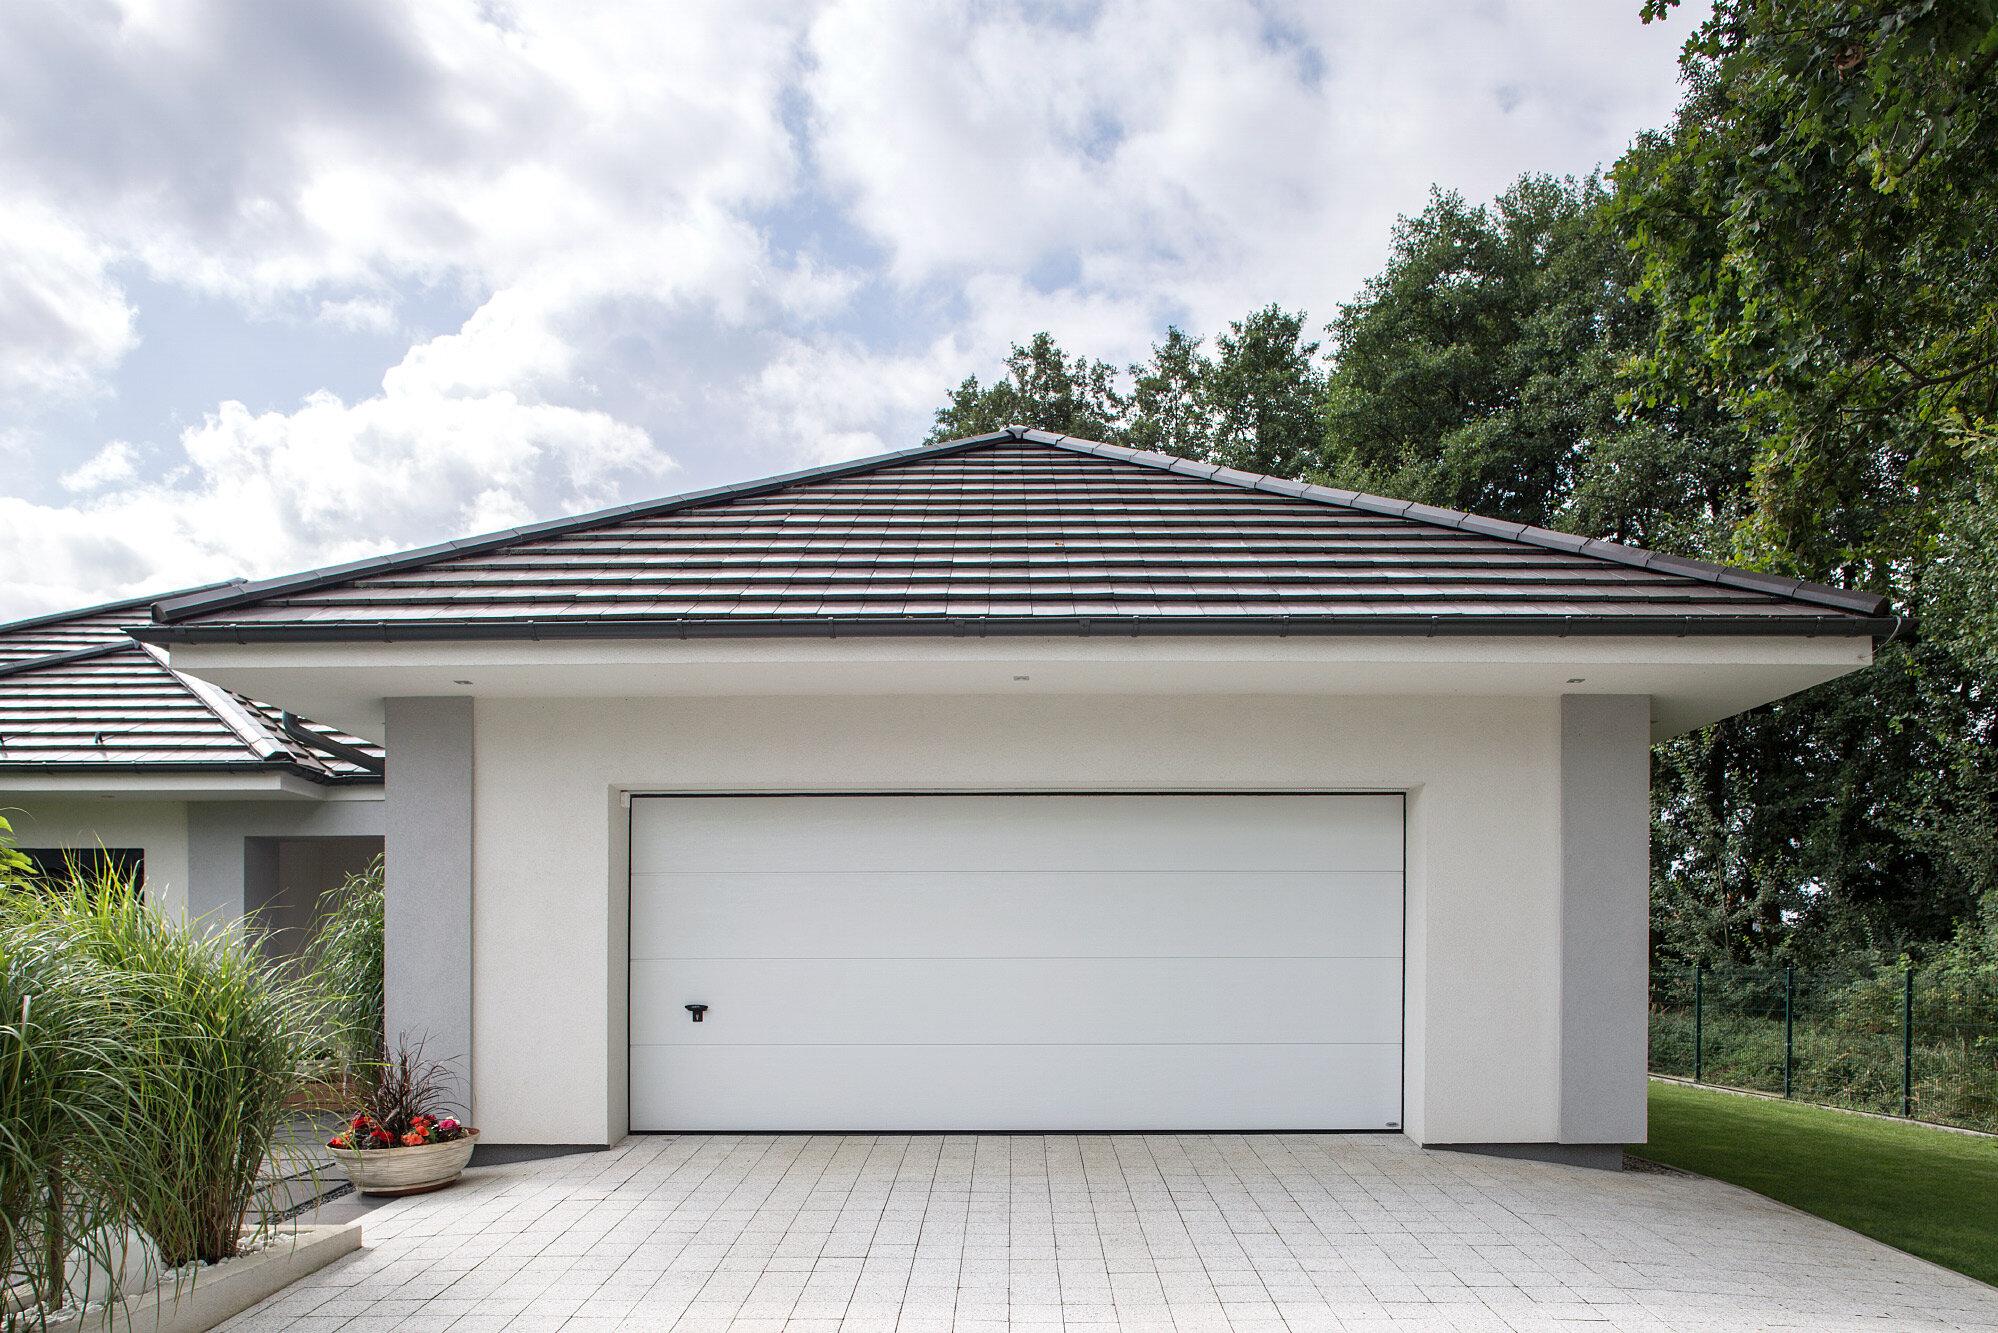 Brama garażowa segmentowa iso 45 Lakierowana biała woodgrain bez przetłoczeń NOVOFERM